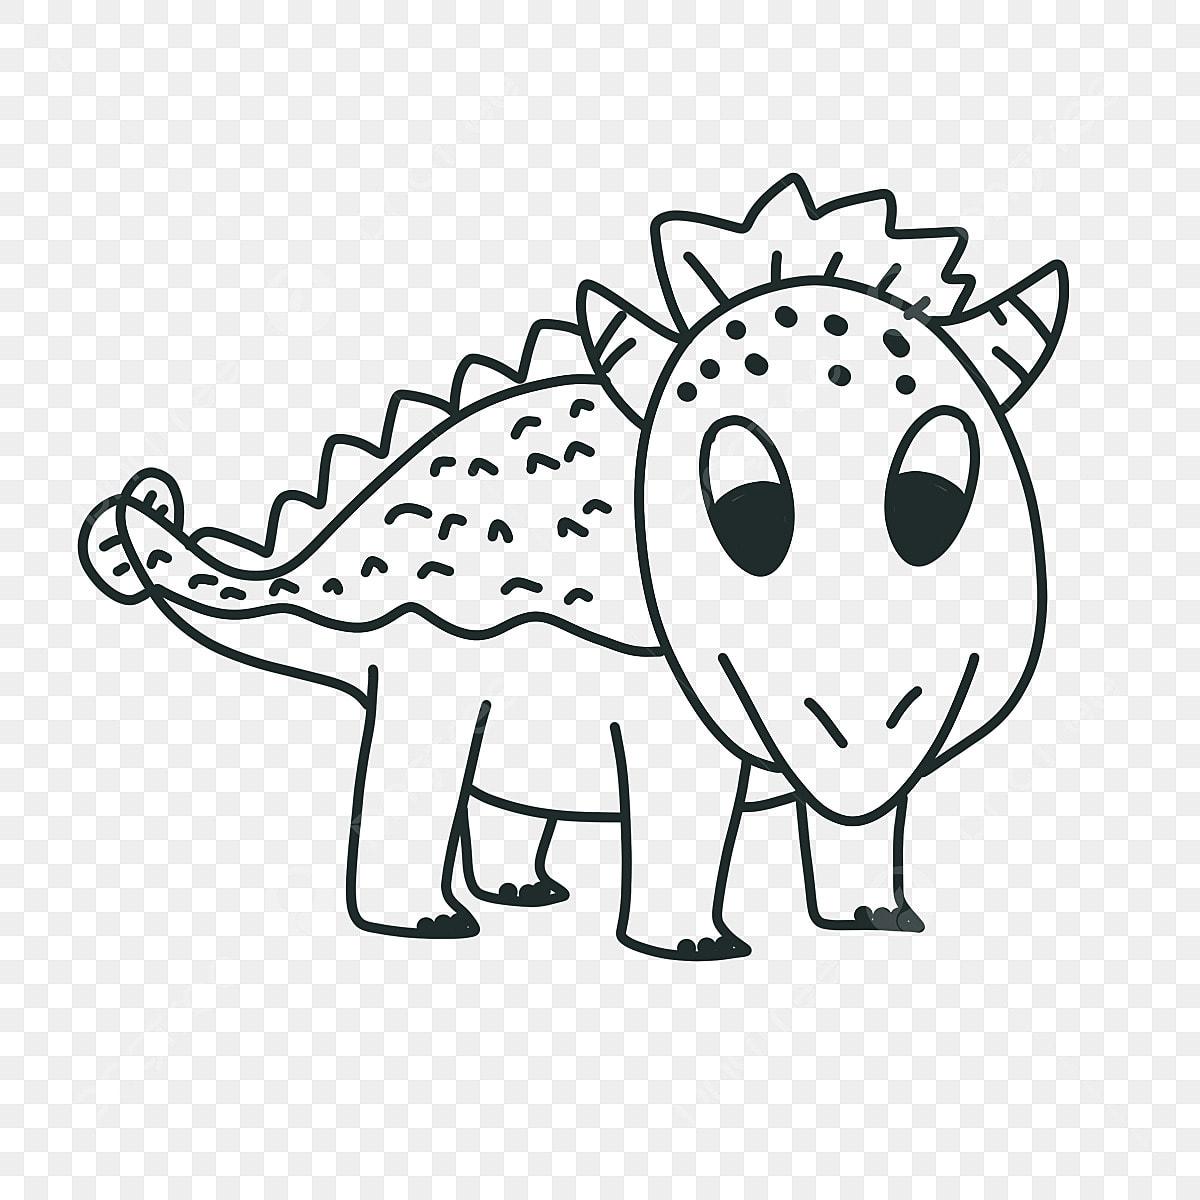 Gambar Triceratops Kartun Lucu Dinosaurus Clipart Hitam Dan Putih Triceratops Dinosaurus Seni Klip Png Transparan Clipart Dan File Psd Untuk Unduh Gratis